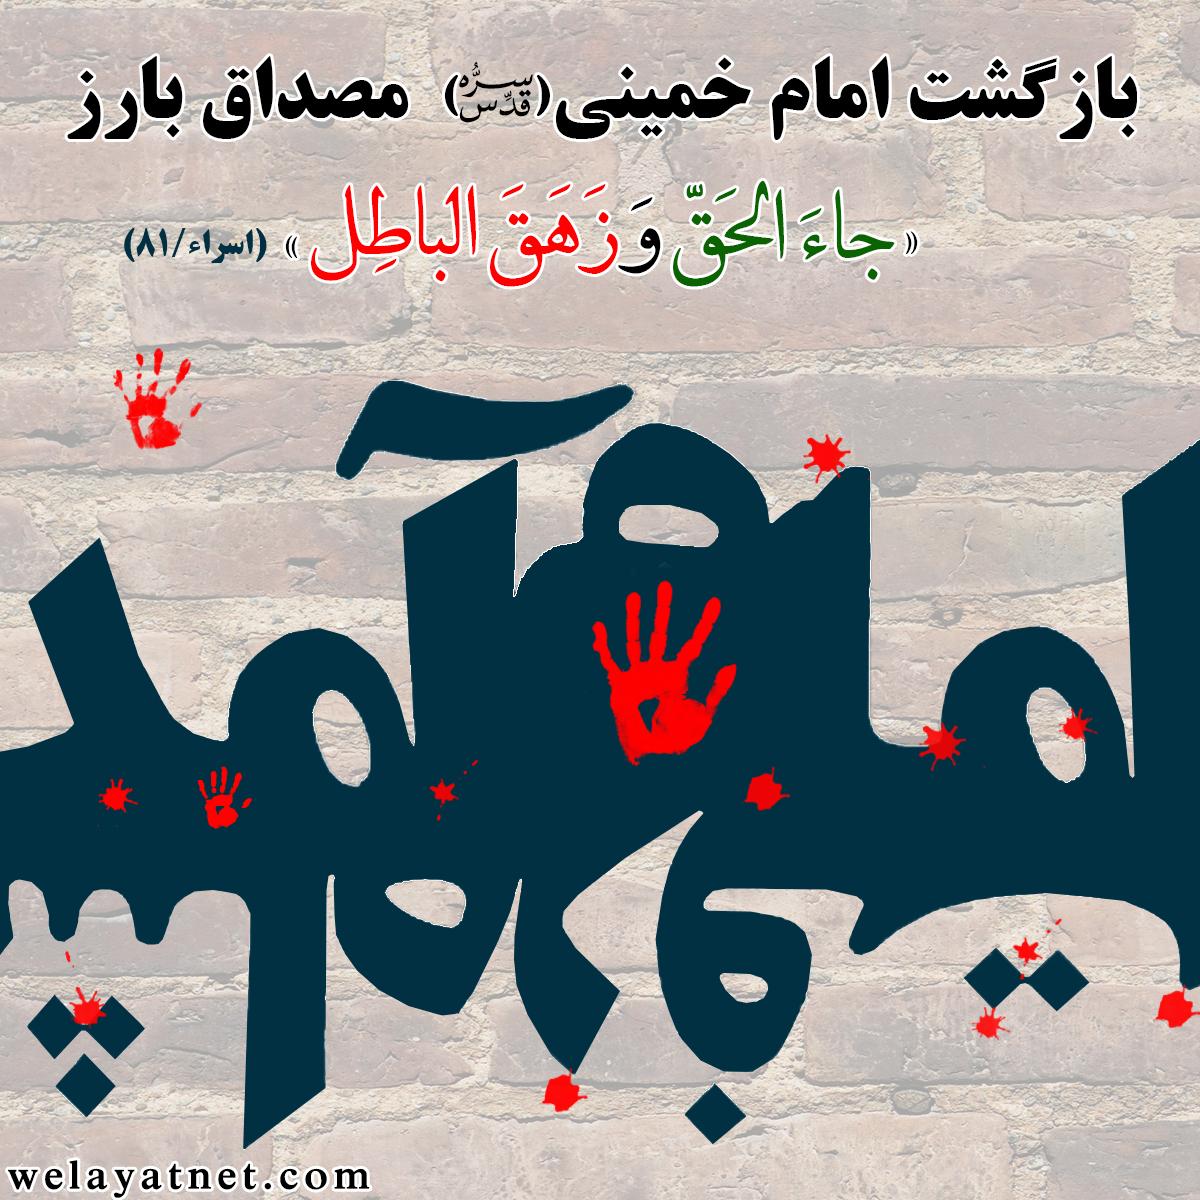 بازگشت امام خمینی(ره)